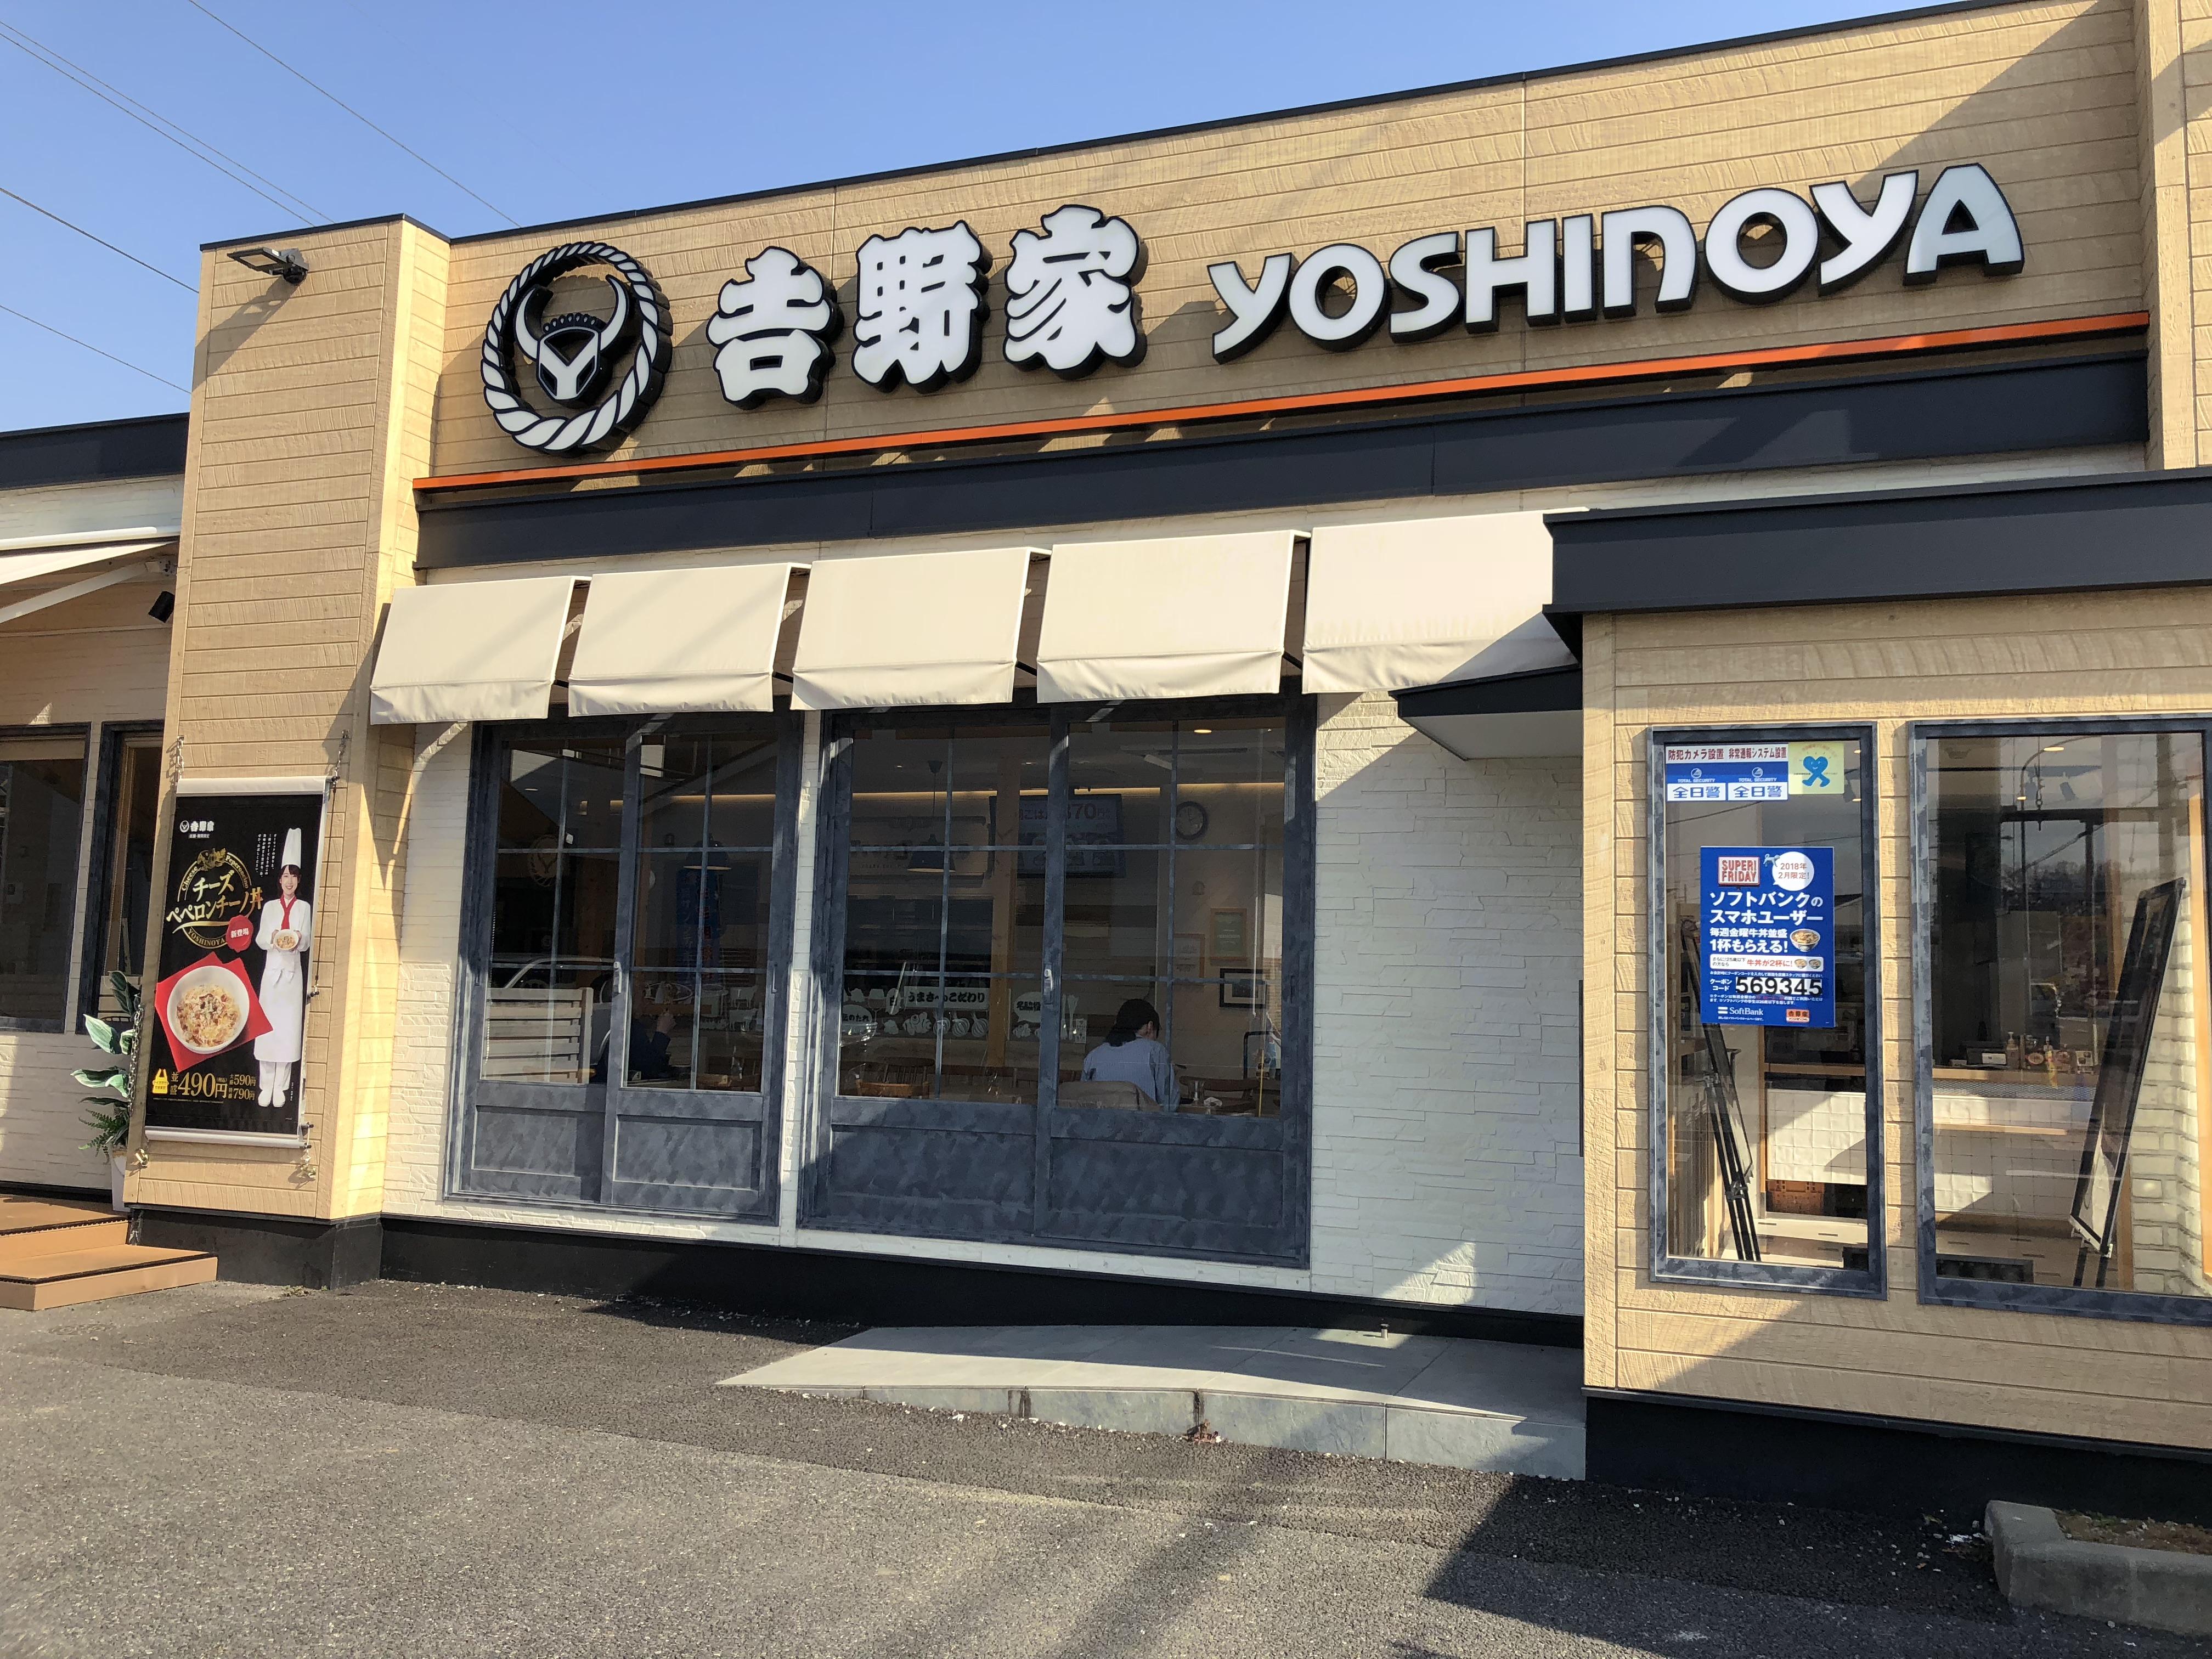 埼玉県にある牛丼チェーン店が史上初の愛犬同伴可能に!